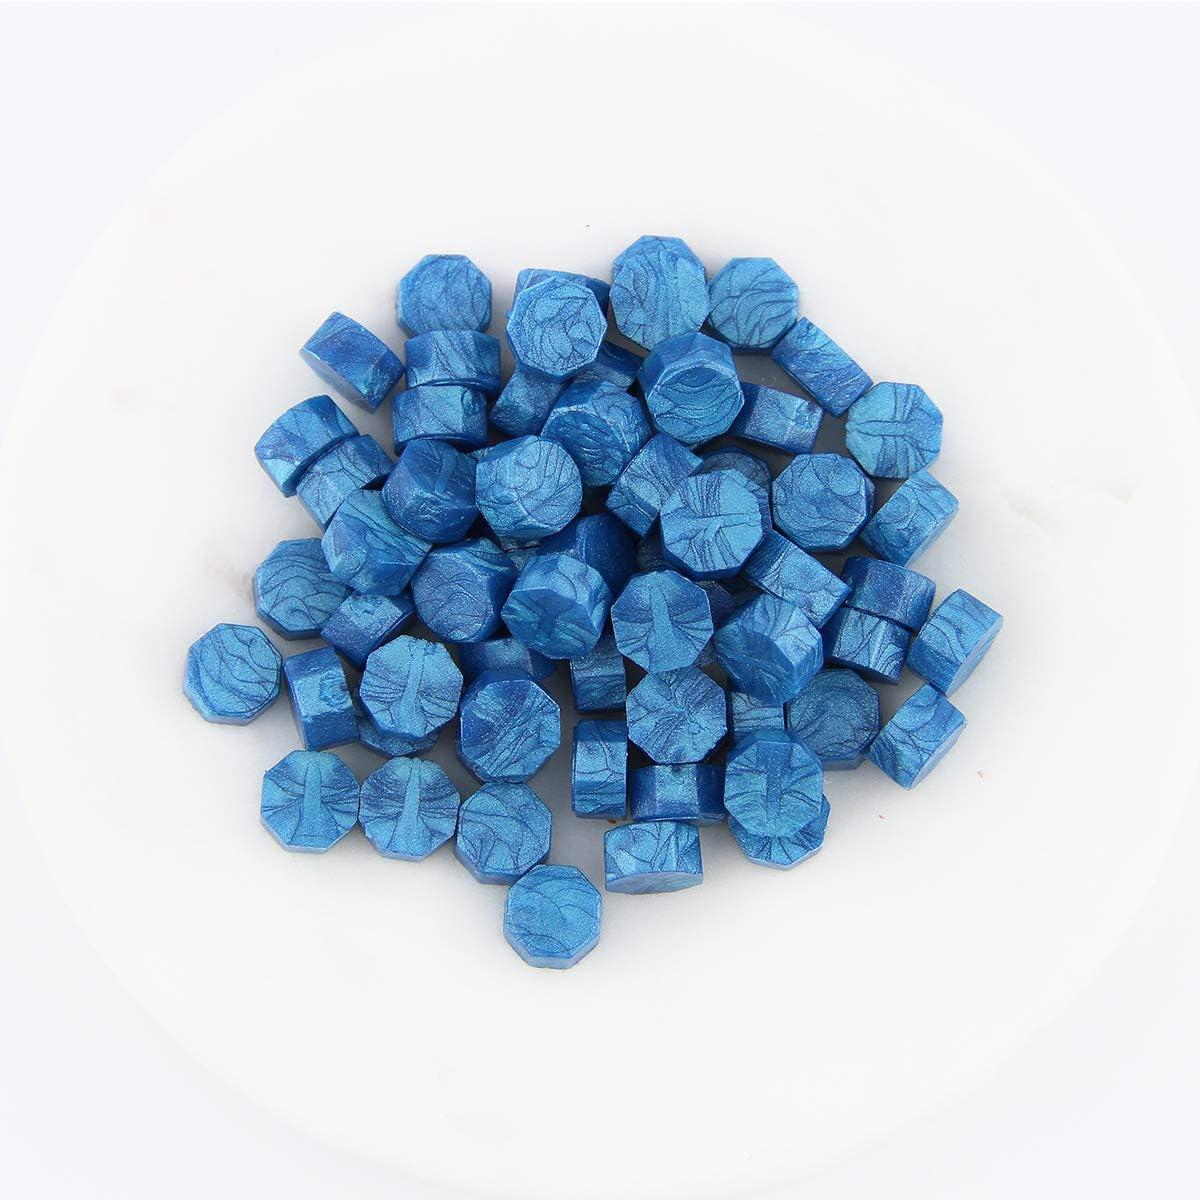 Blau Siegelwachs-St/ücke 25g. 33 Farben